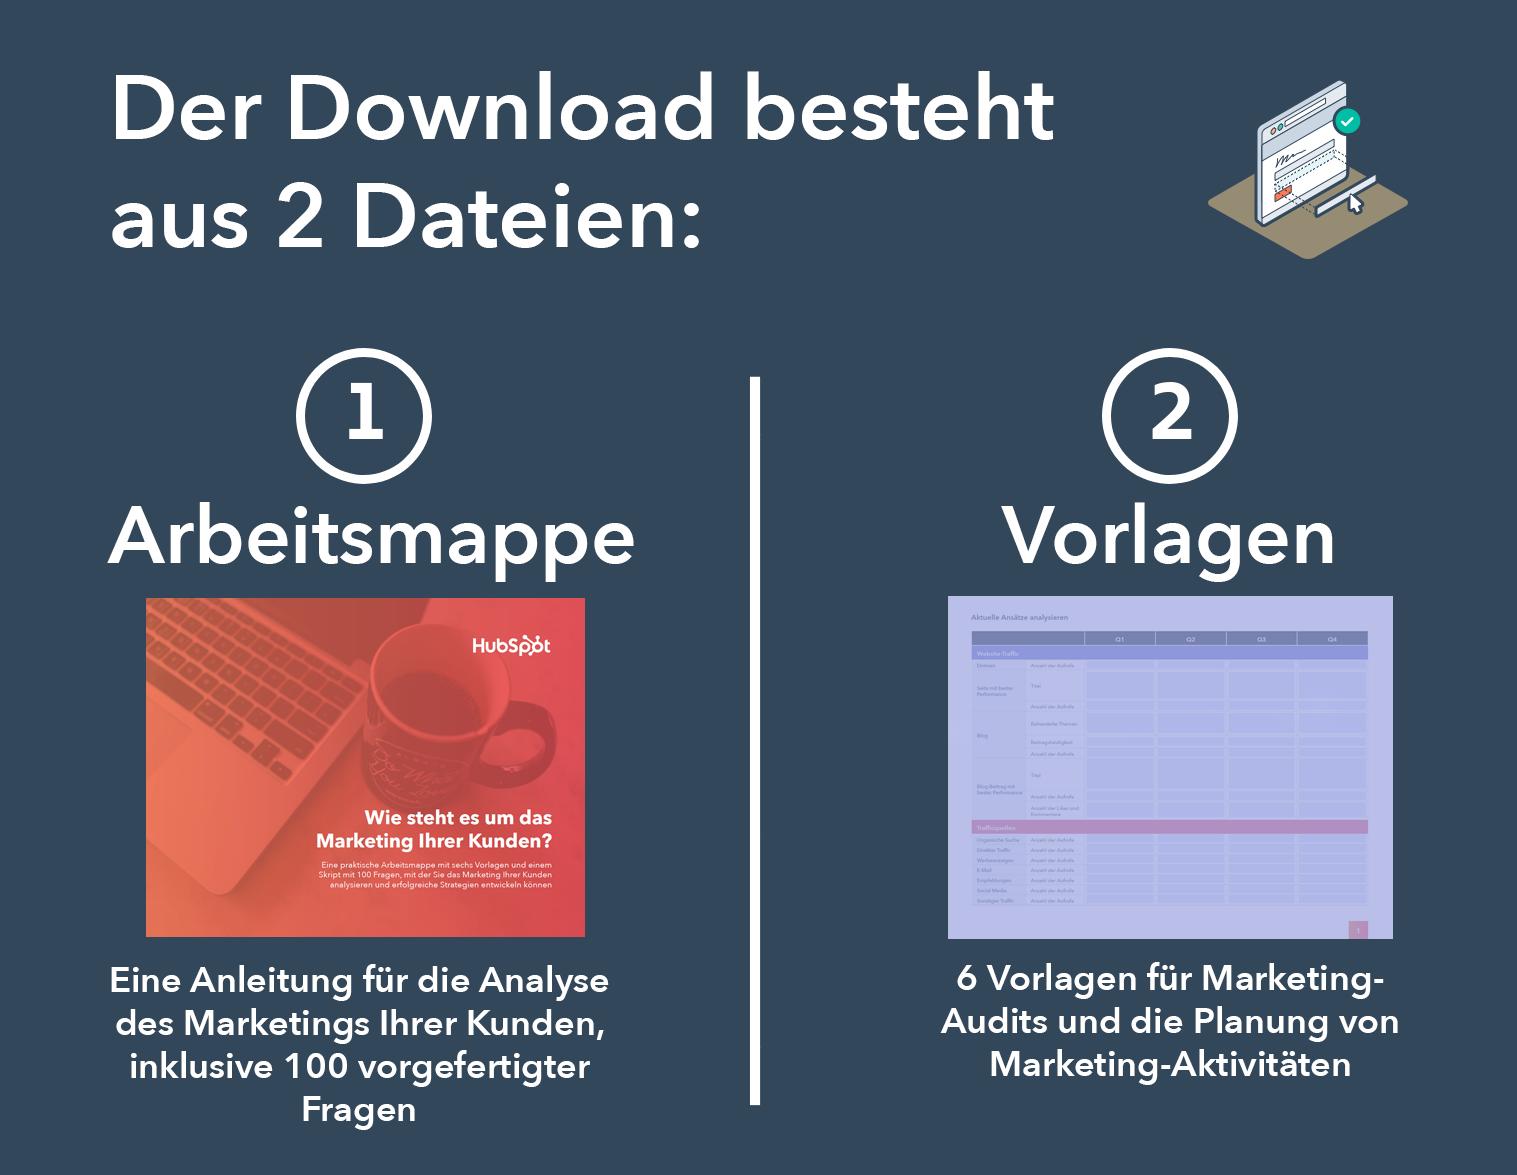 HubSpot - Arbeitsmappe für Marketing-Audits - Vorschau 1